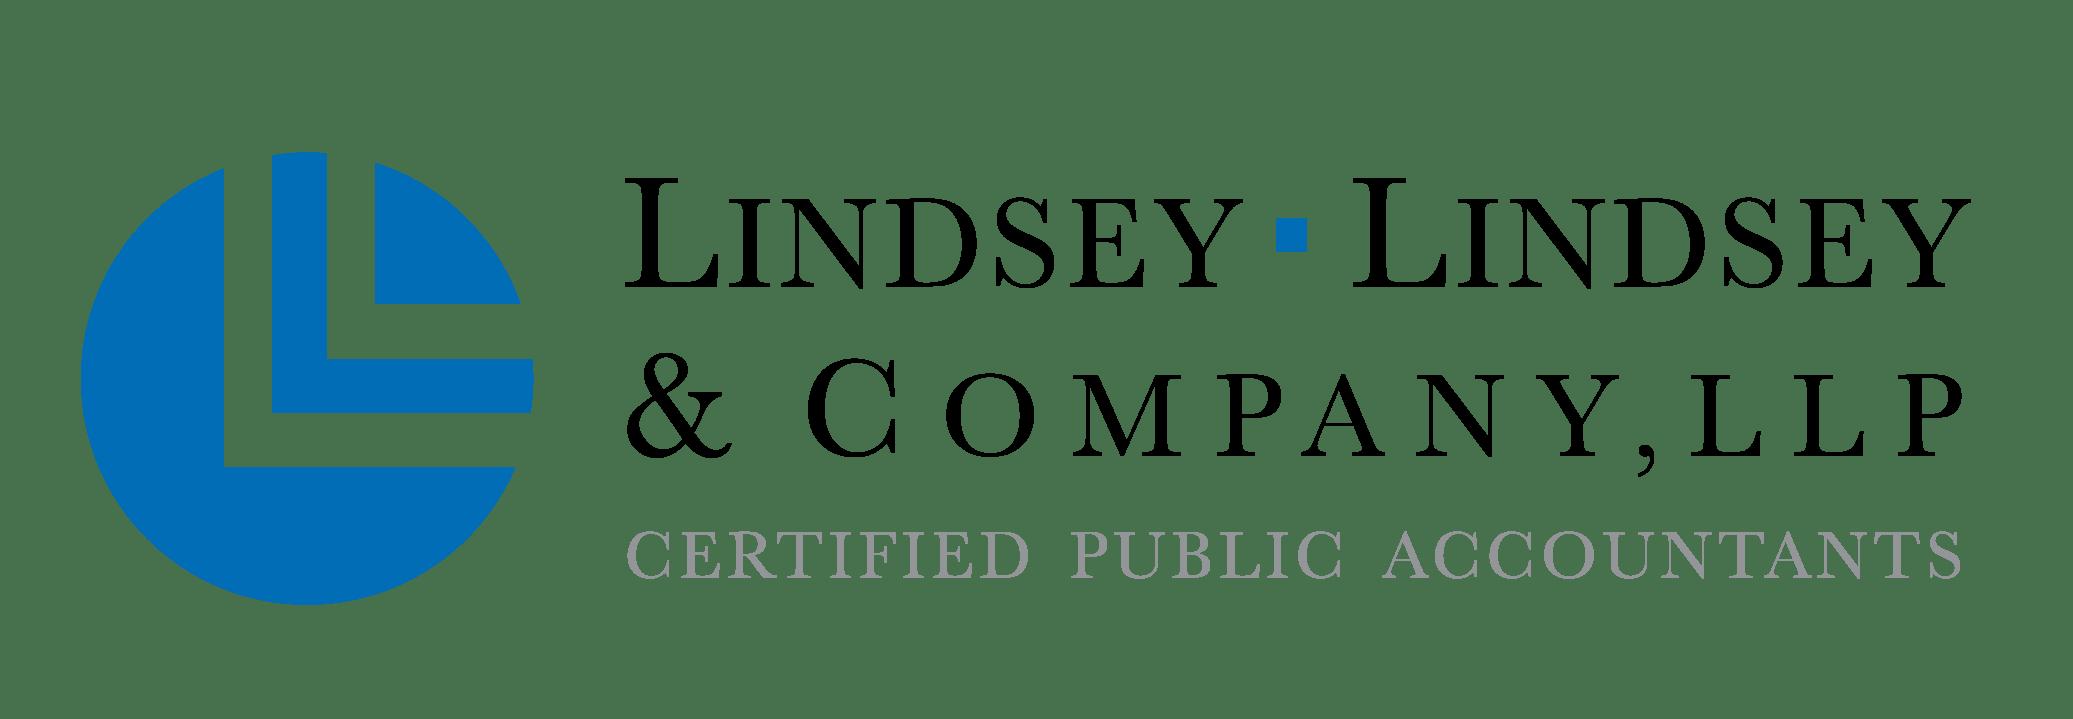 Linsdey